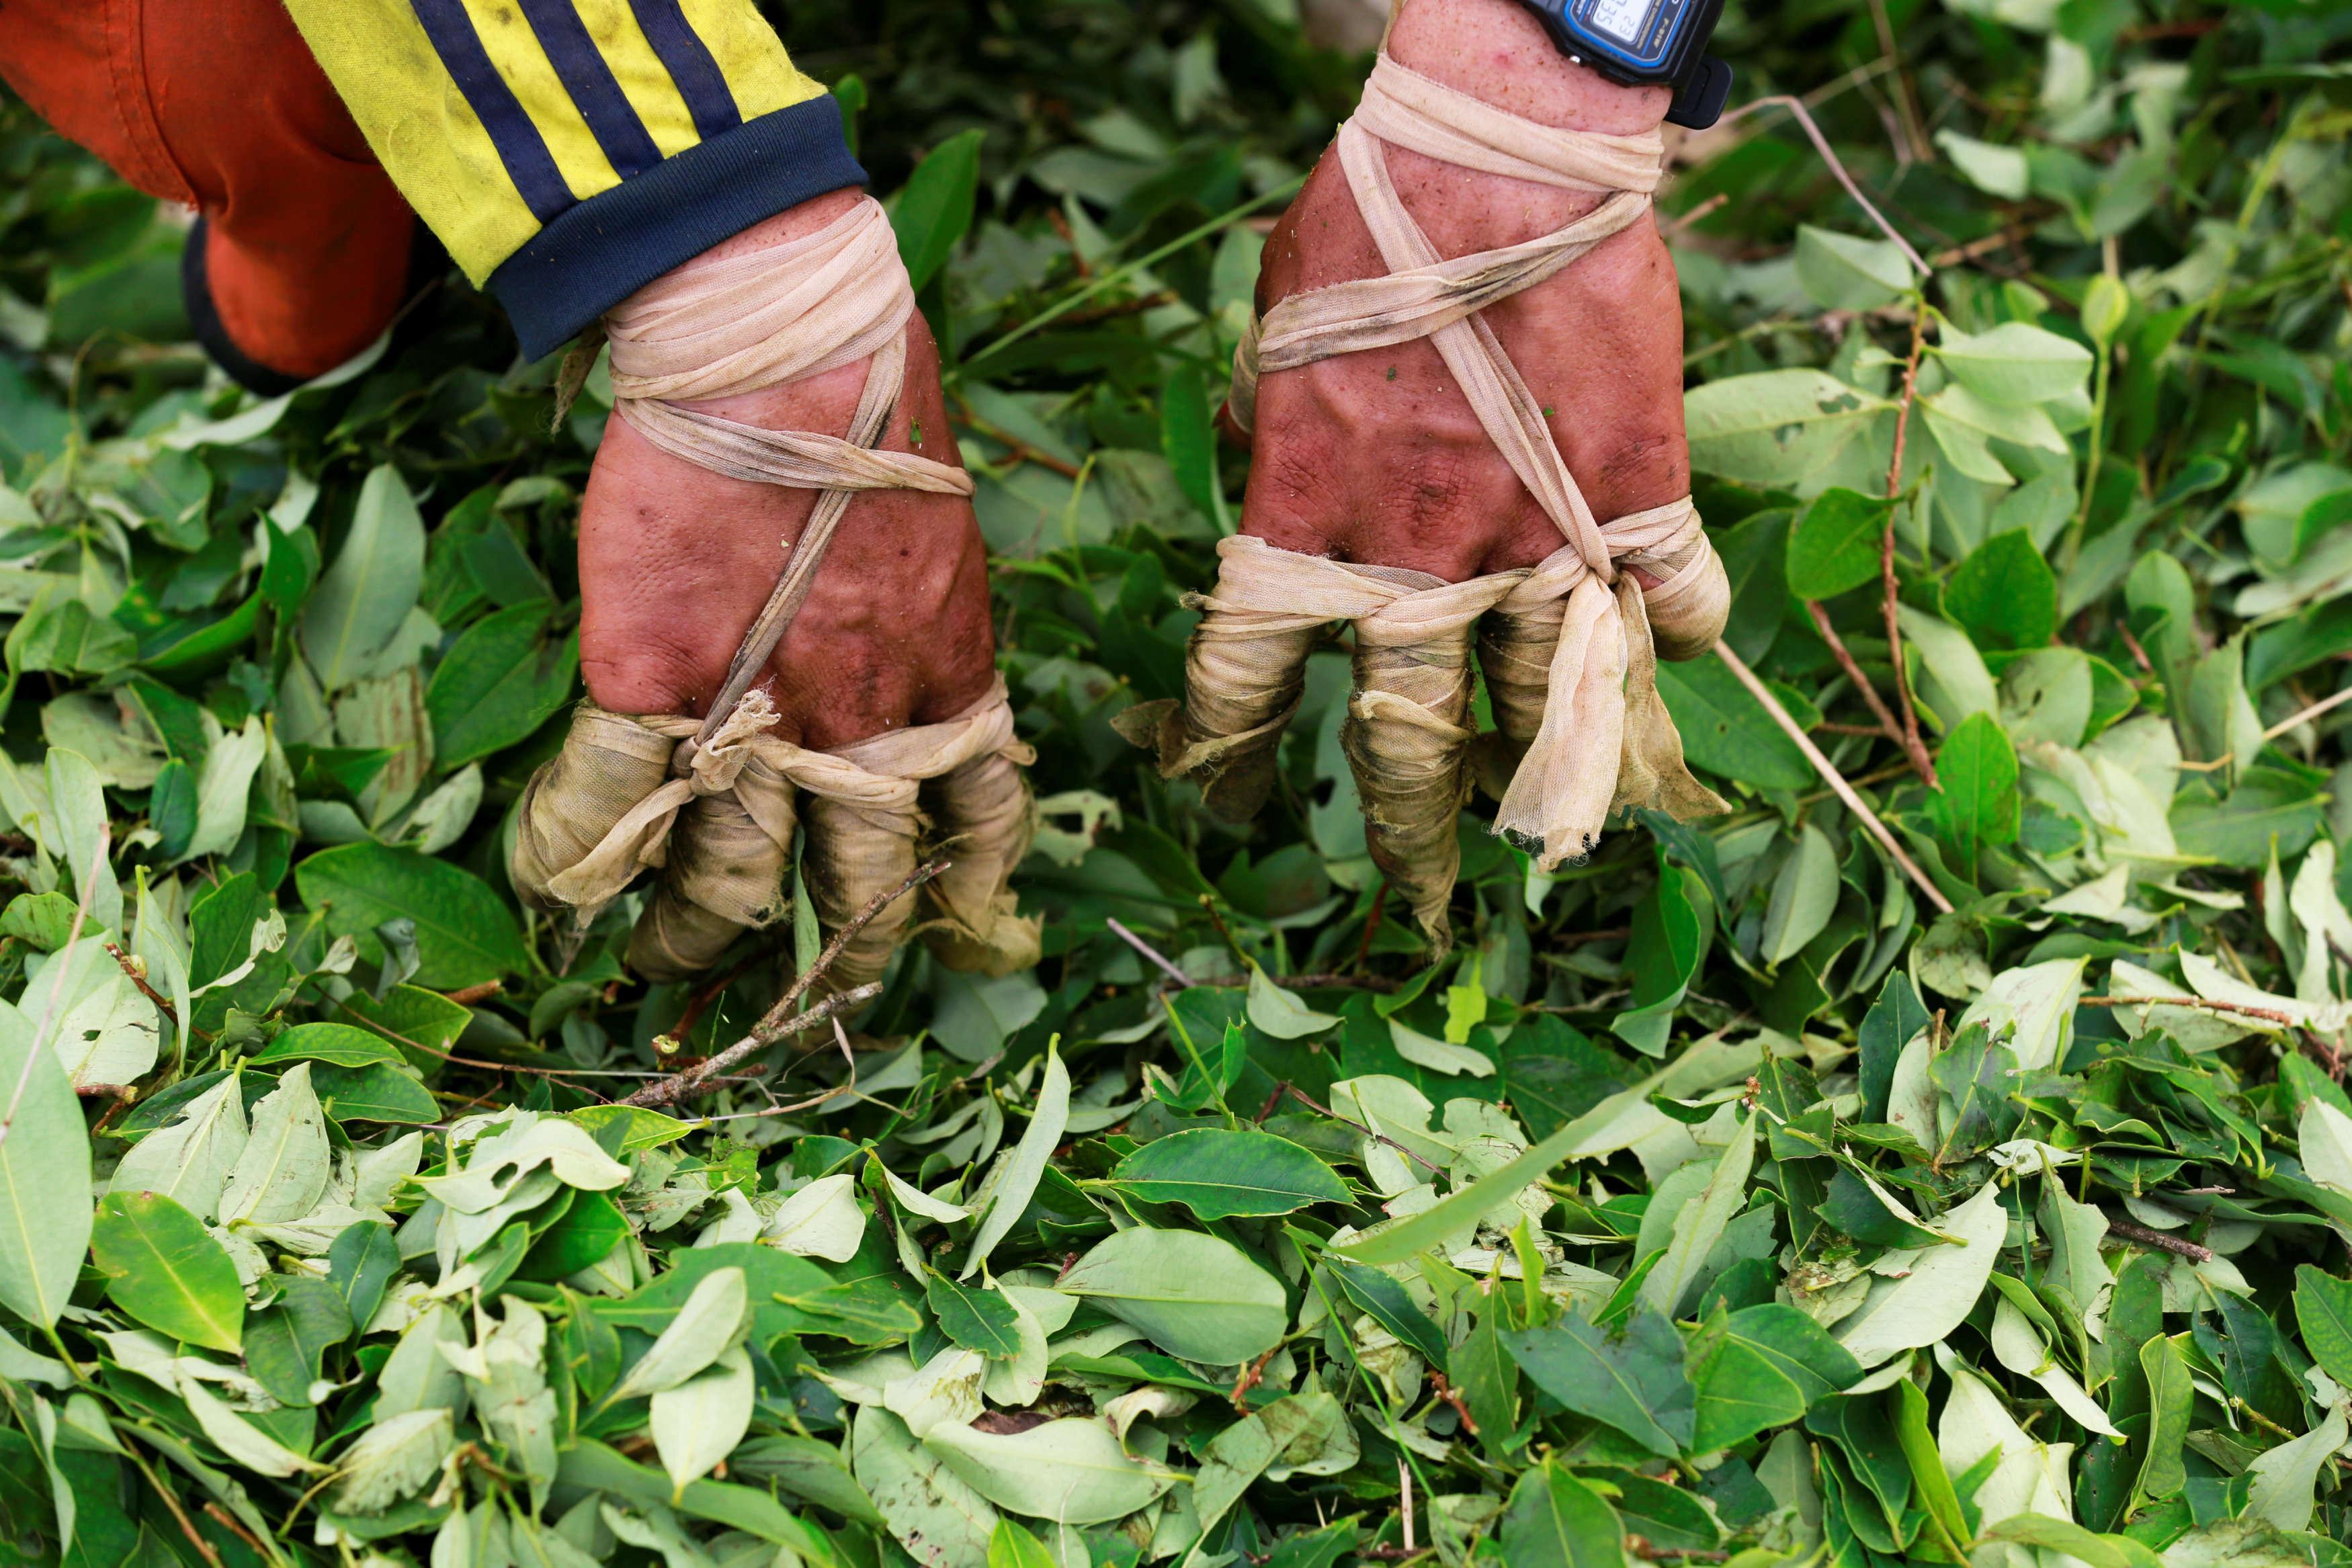 Les doigts enveloppés, un «raspachin»récolte. Le boom de la production de la coca vient à un moment particulièrement sensible pour le gouvernement colombien. En effet, les négociations de paix avec les Forces armées révolutionnaires de Colombie (FARC), qui ont longtemps profité du commerce de drogues illicites, touchent à leur fin.